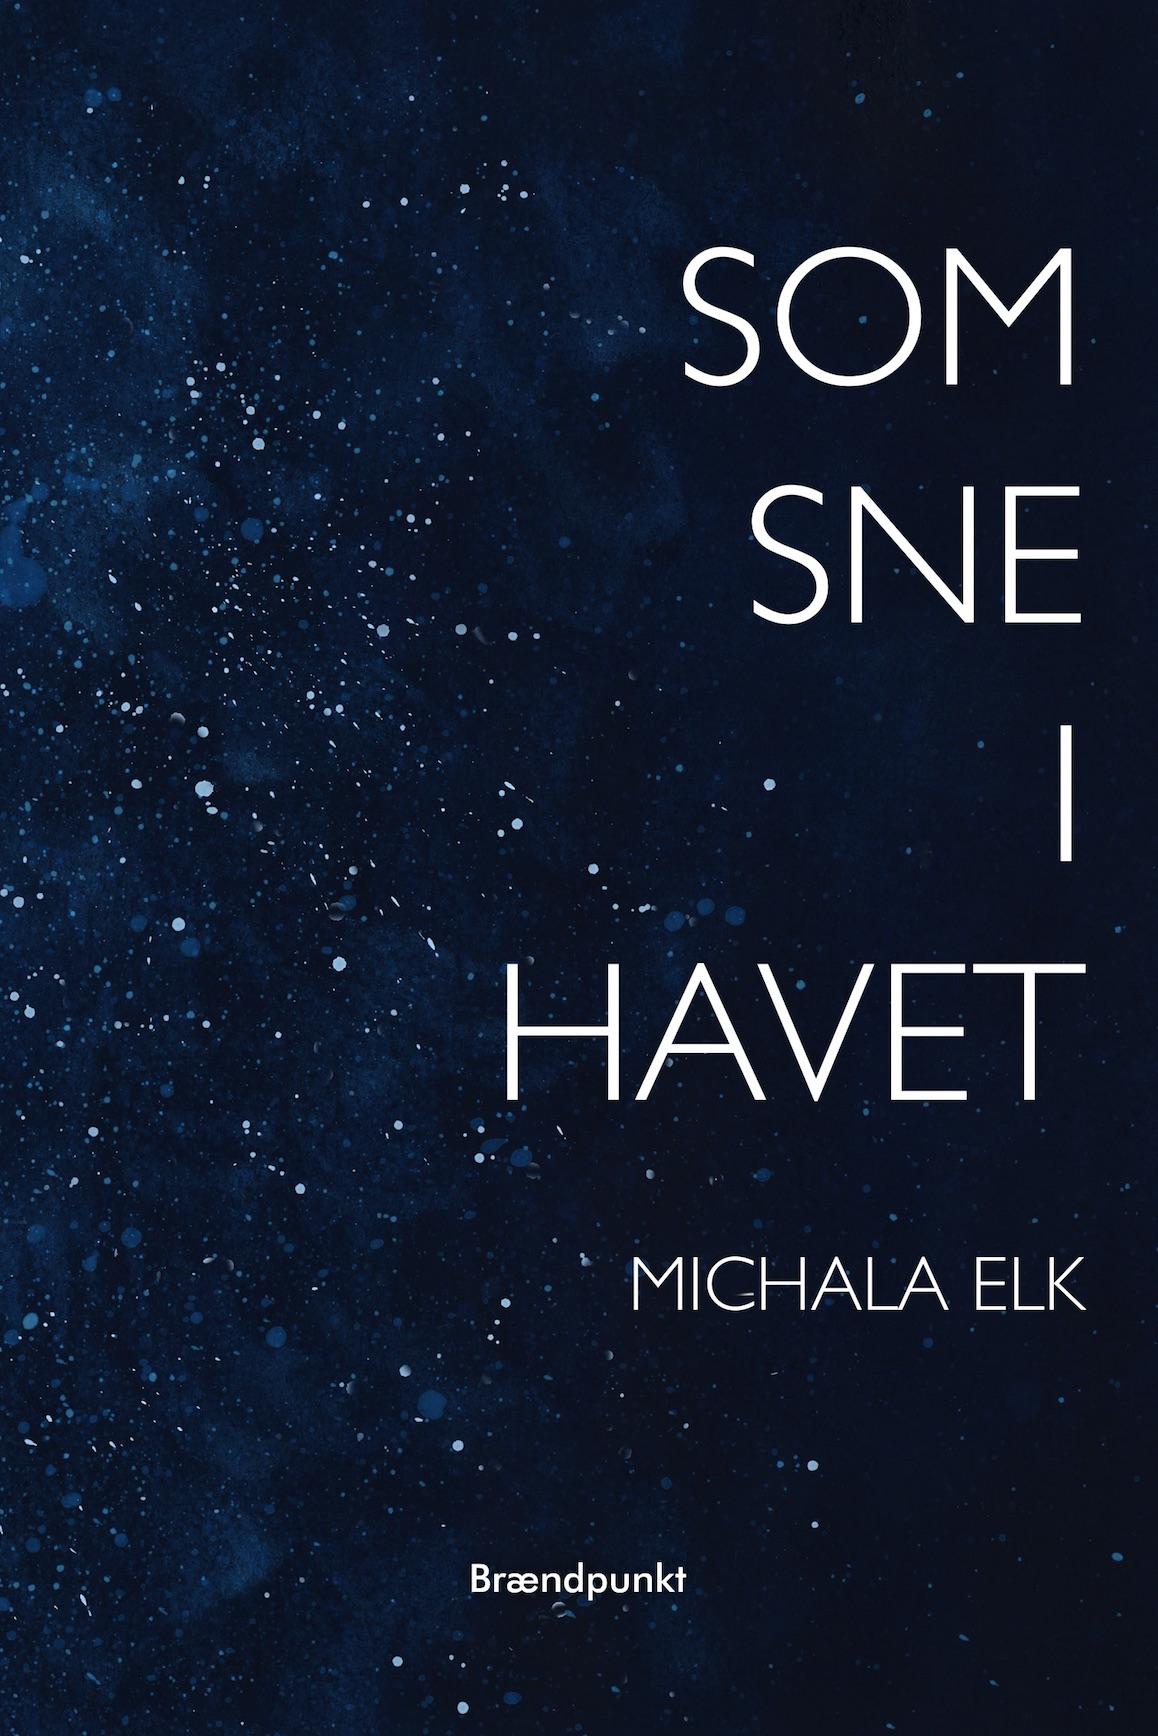 Som sne i havet - Michala Elk - Bøger - Brændpunkt - 9788793835511 - 12. juni 2020